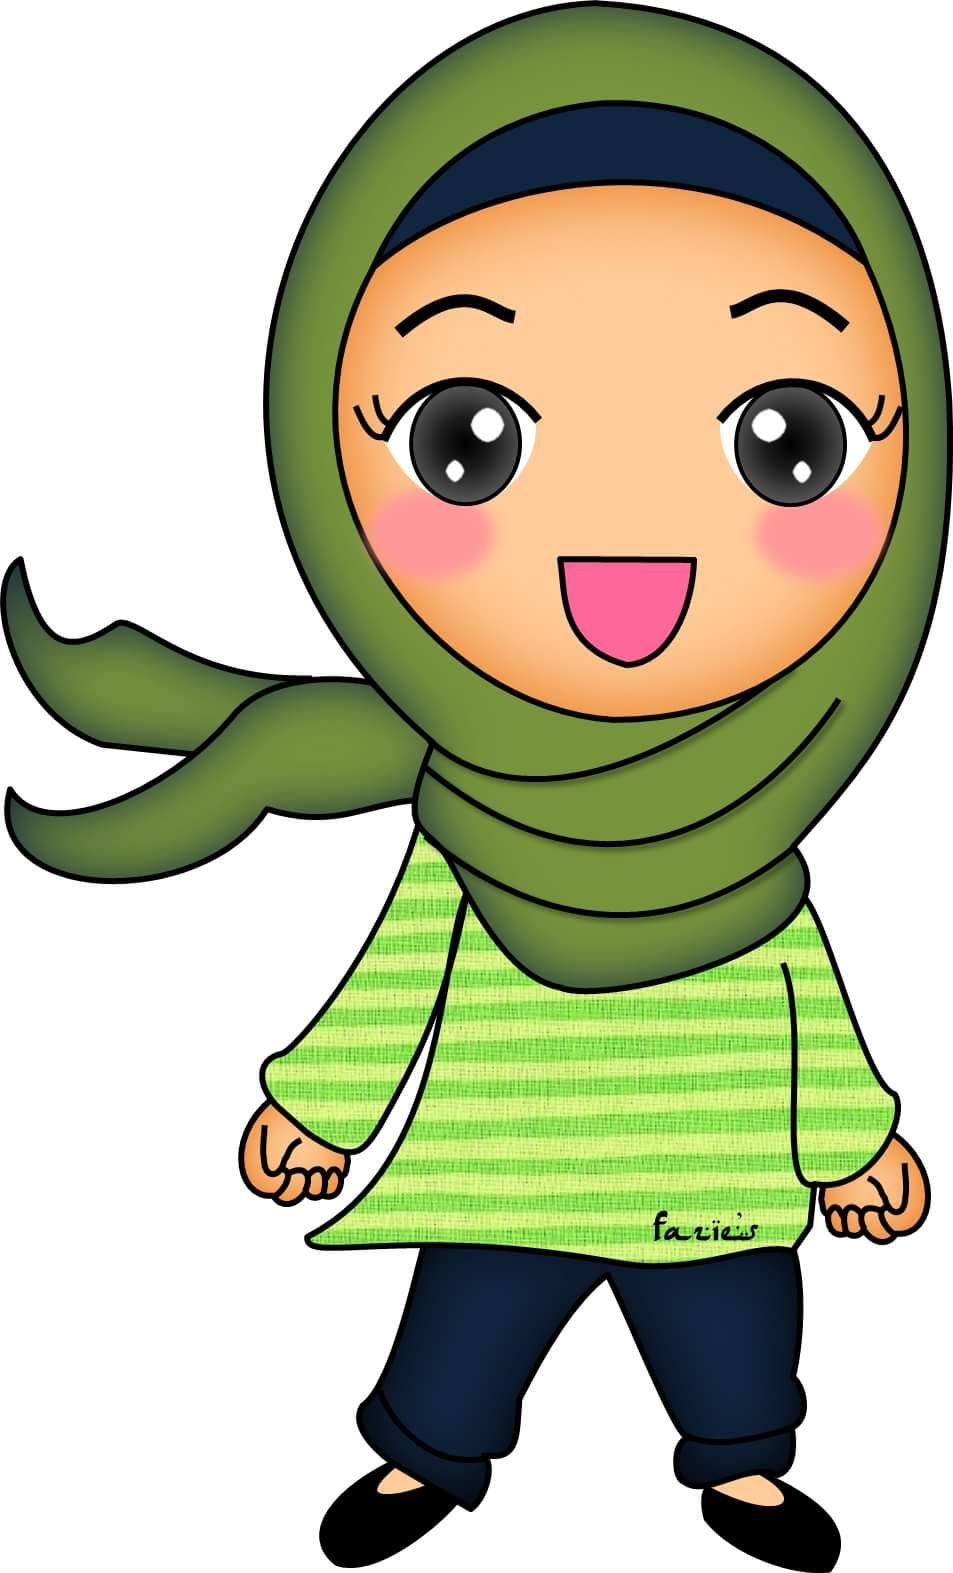 14589888 308858526147841 469634987719437108 O Png Jpg 953 1573 Hijab Cartoon Cartoon Mario Characters